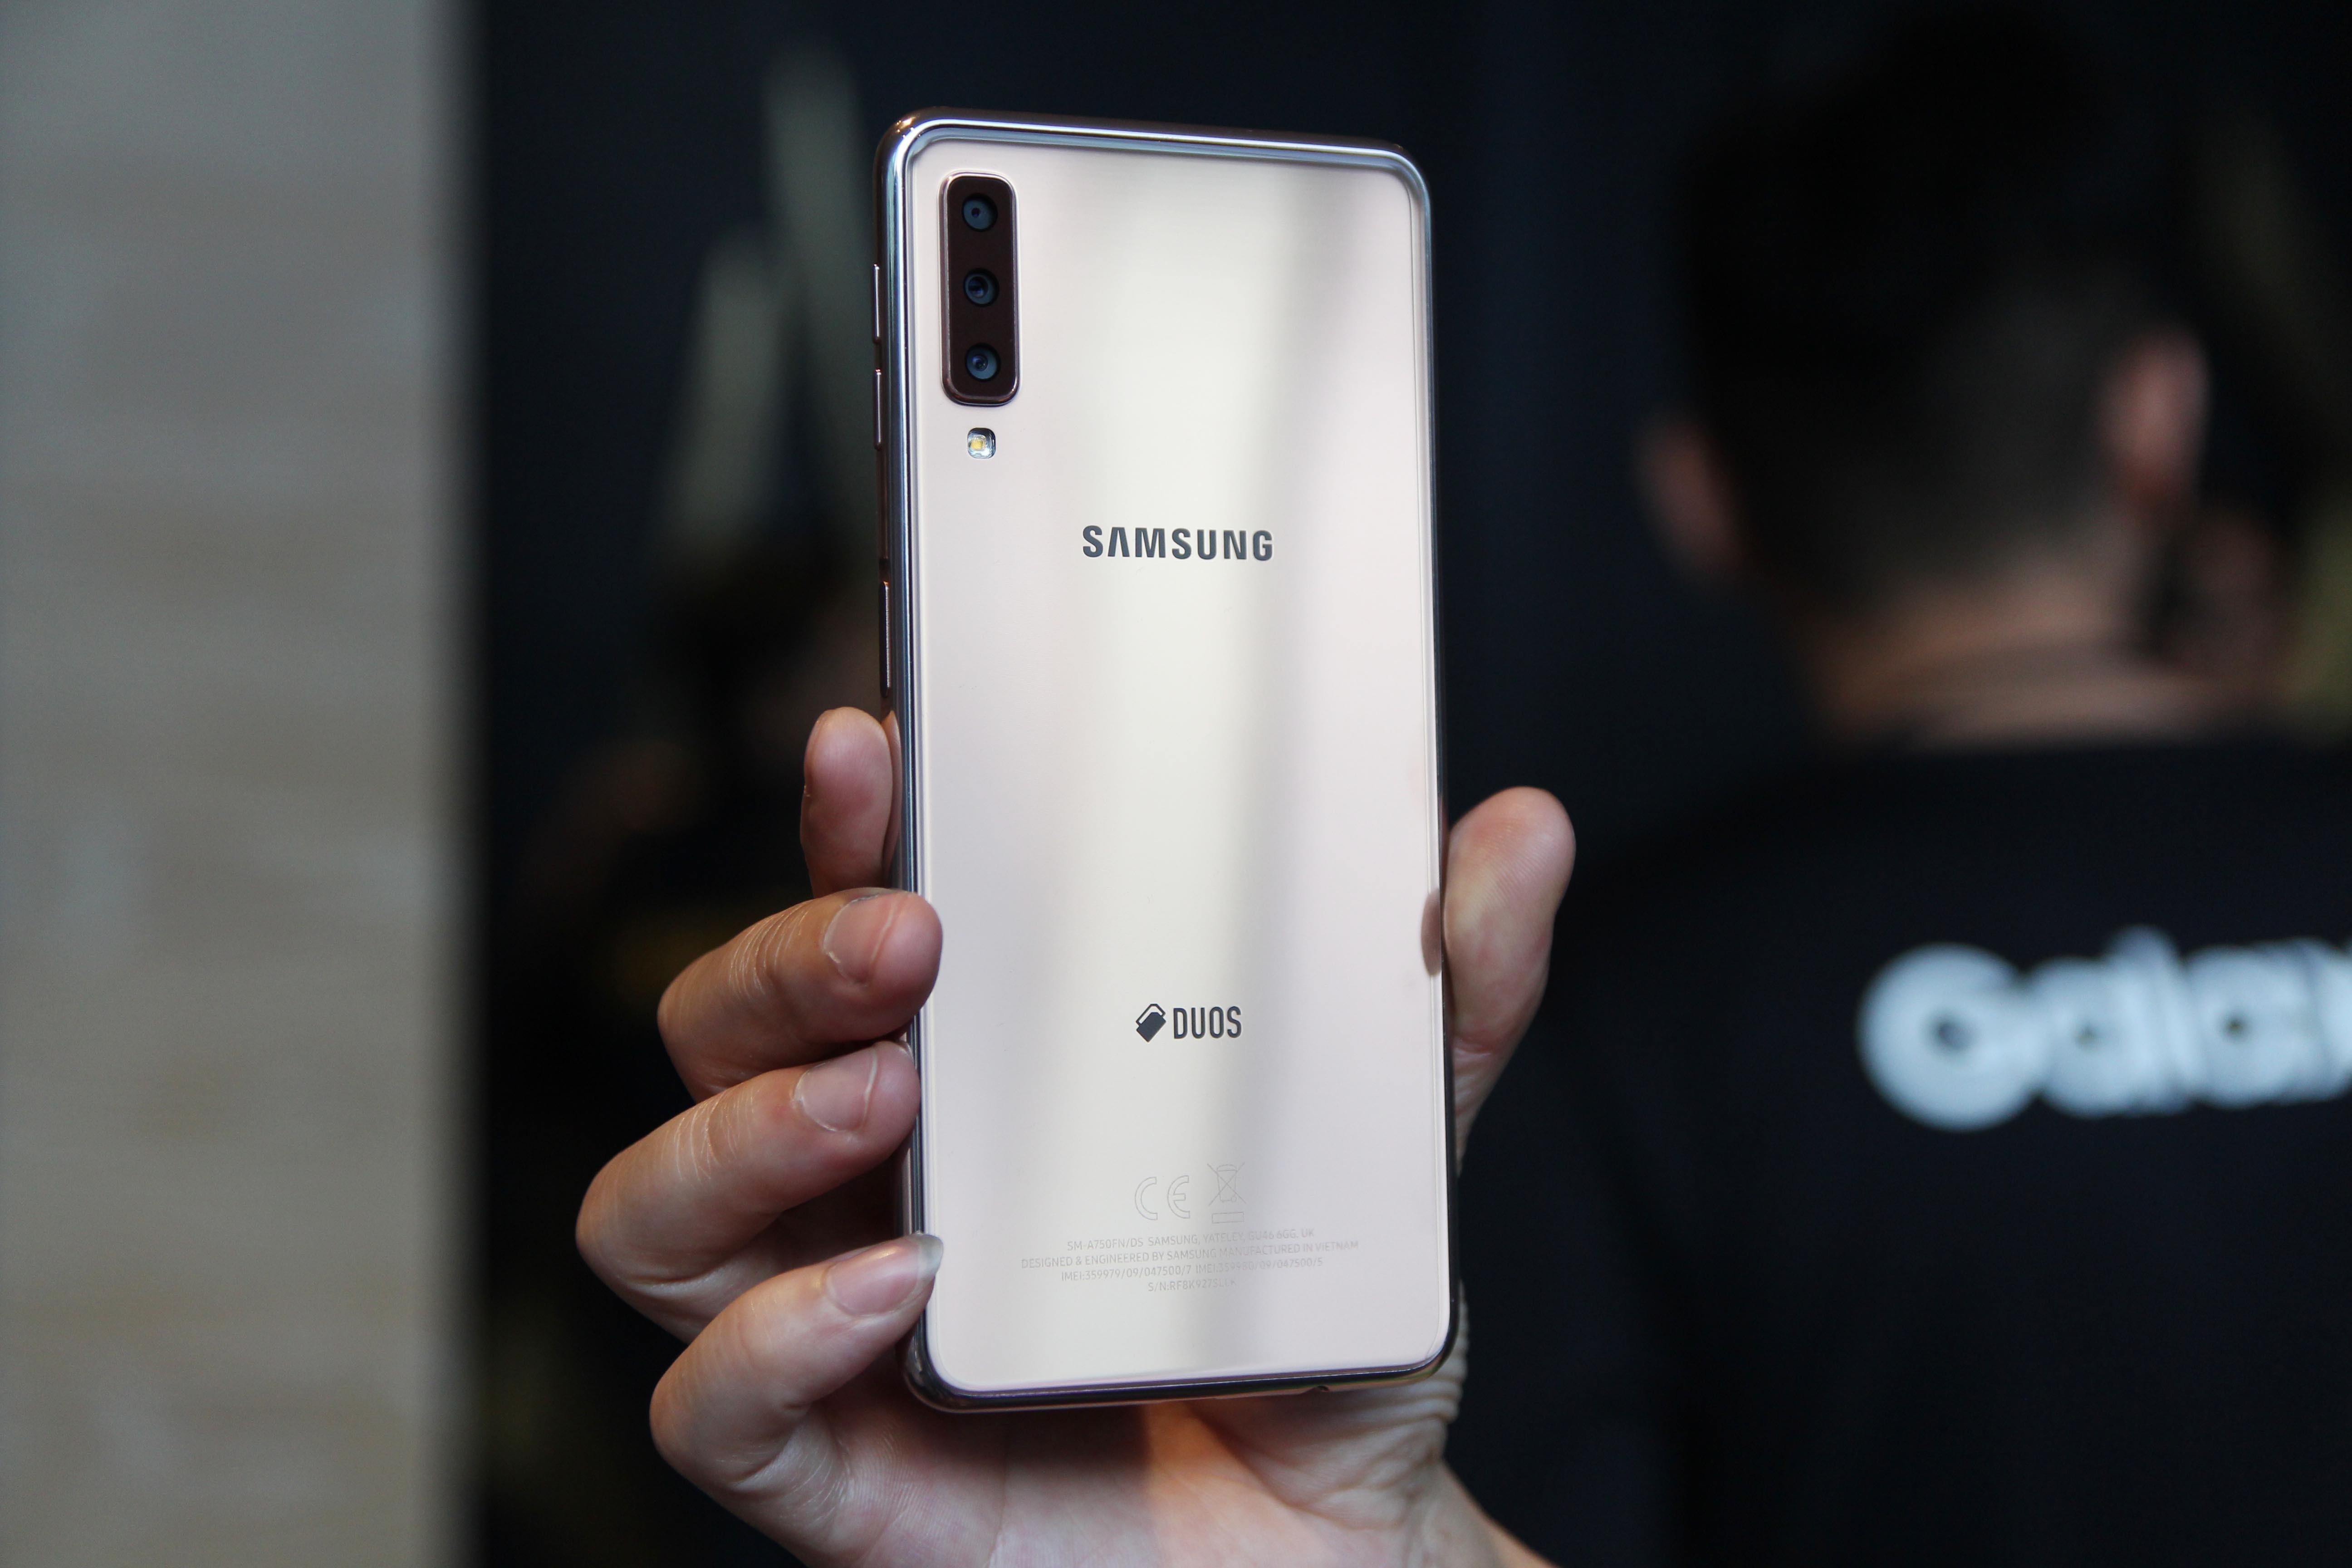 Chi tiết Galaxy A7 2018 - 3 camera sau, vân tay ở cạnh bên Ảnh 7